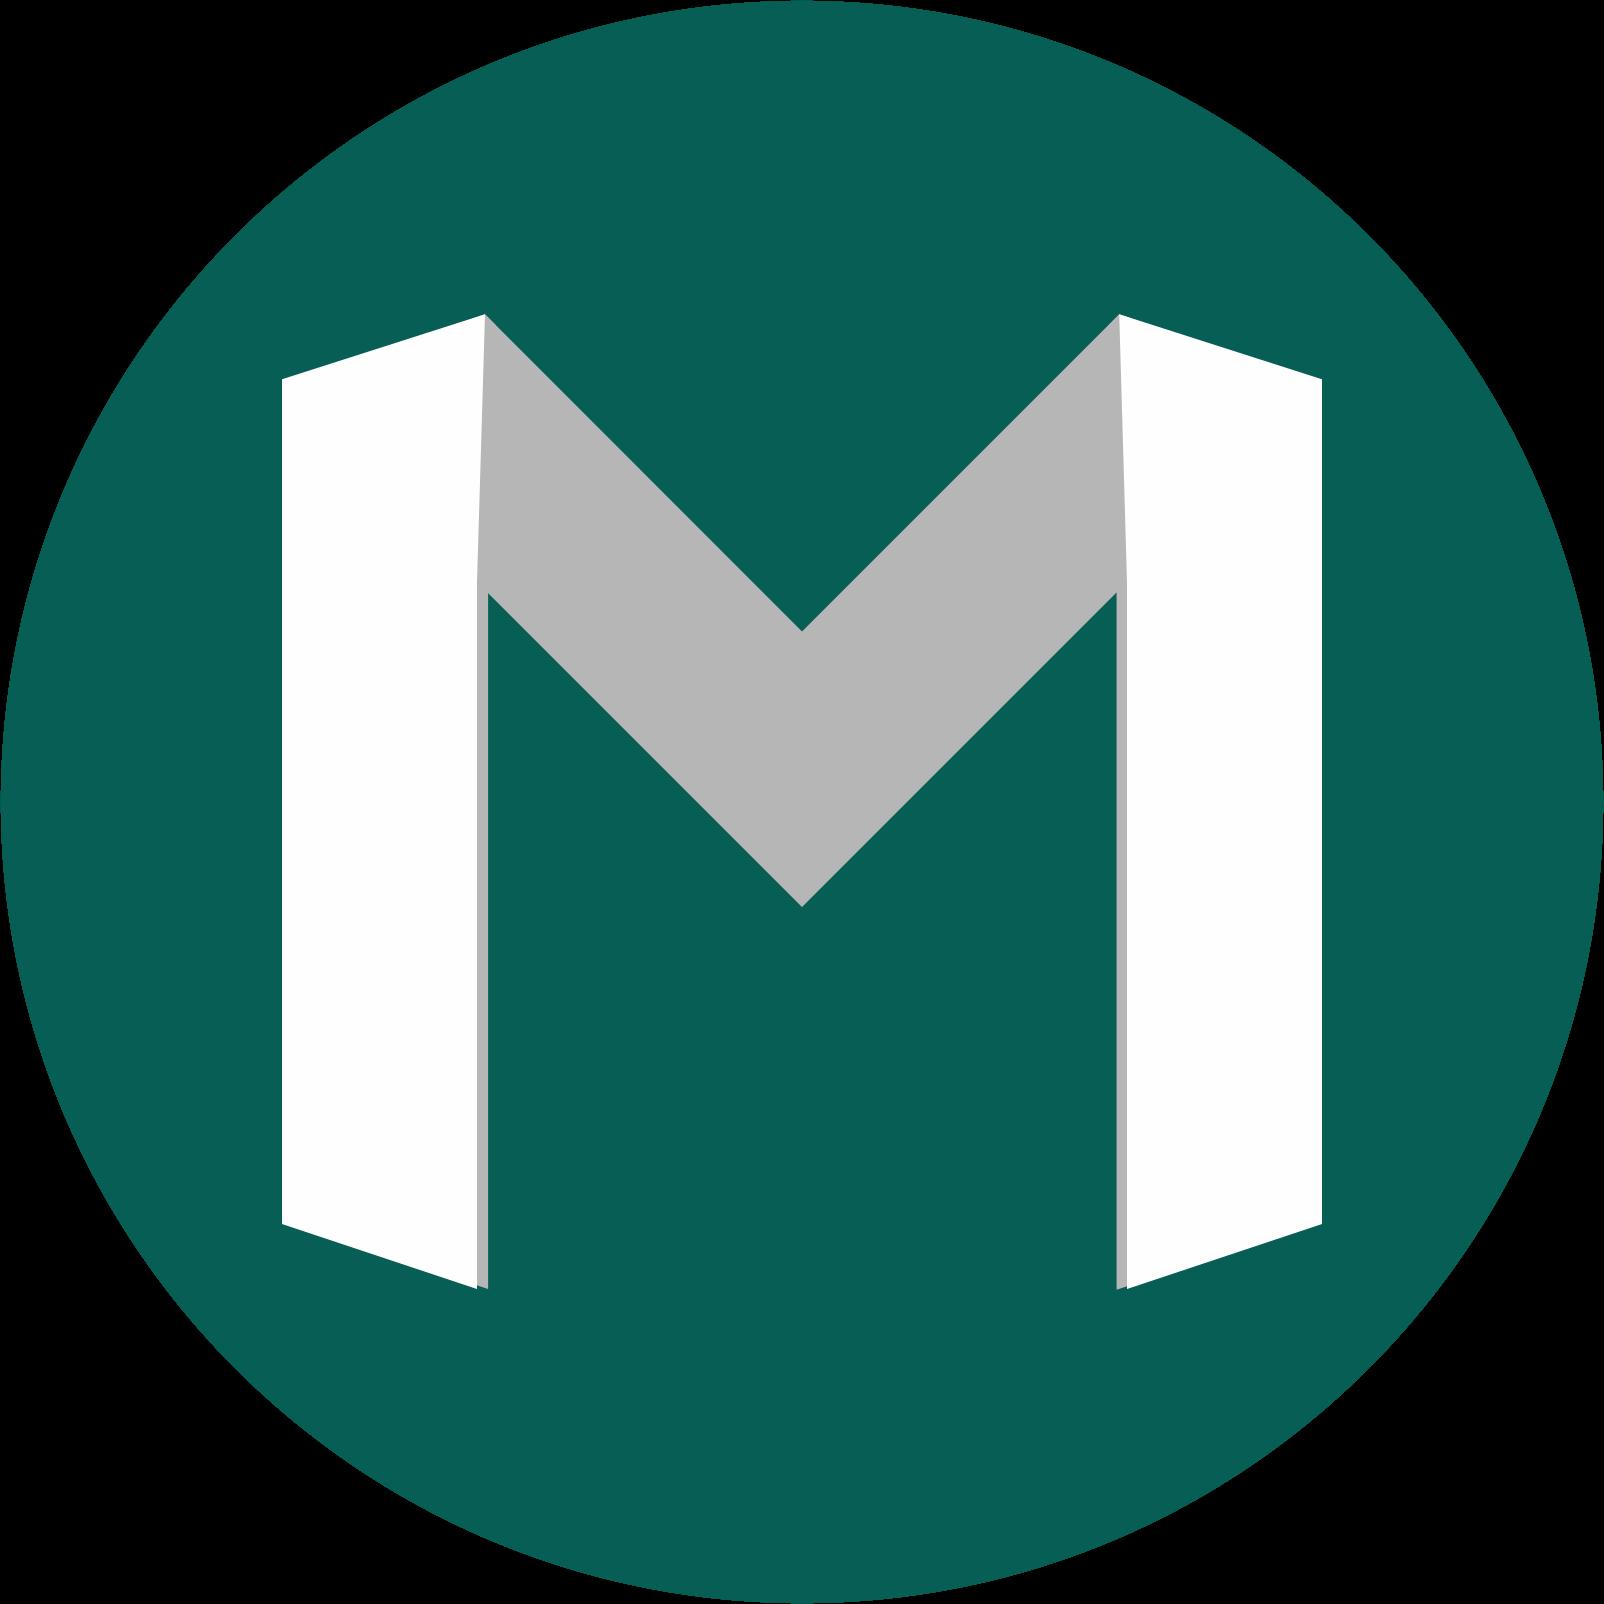 Milenialis.id